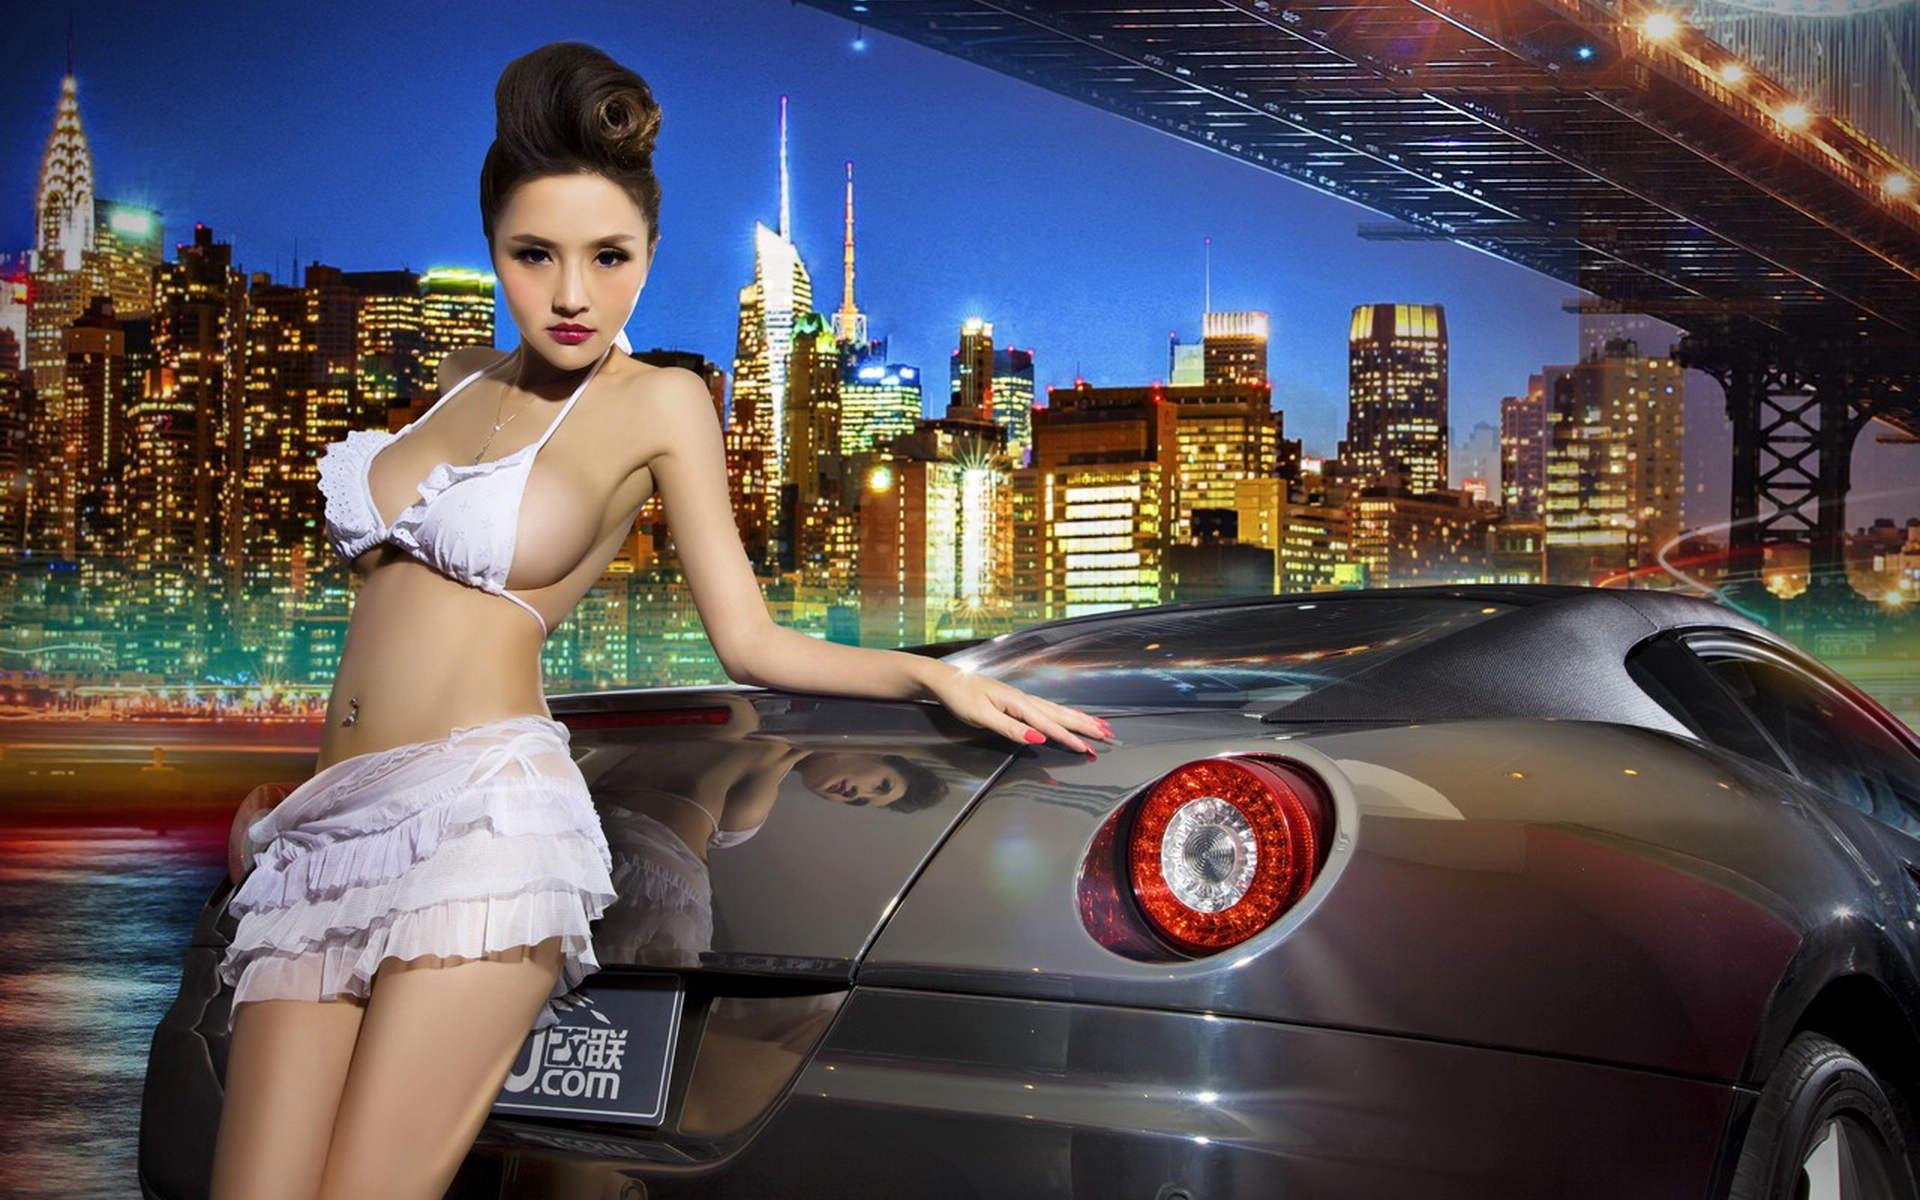 法拉利改装车模宽屏壁纸高清图片